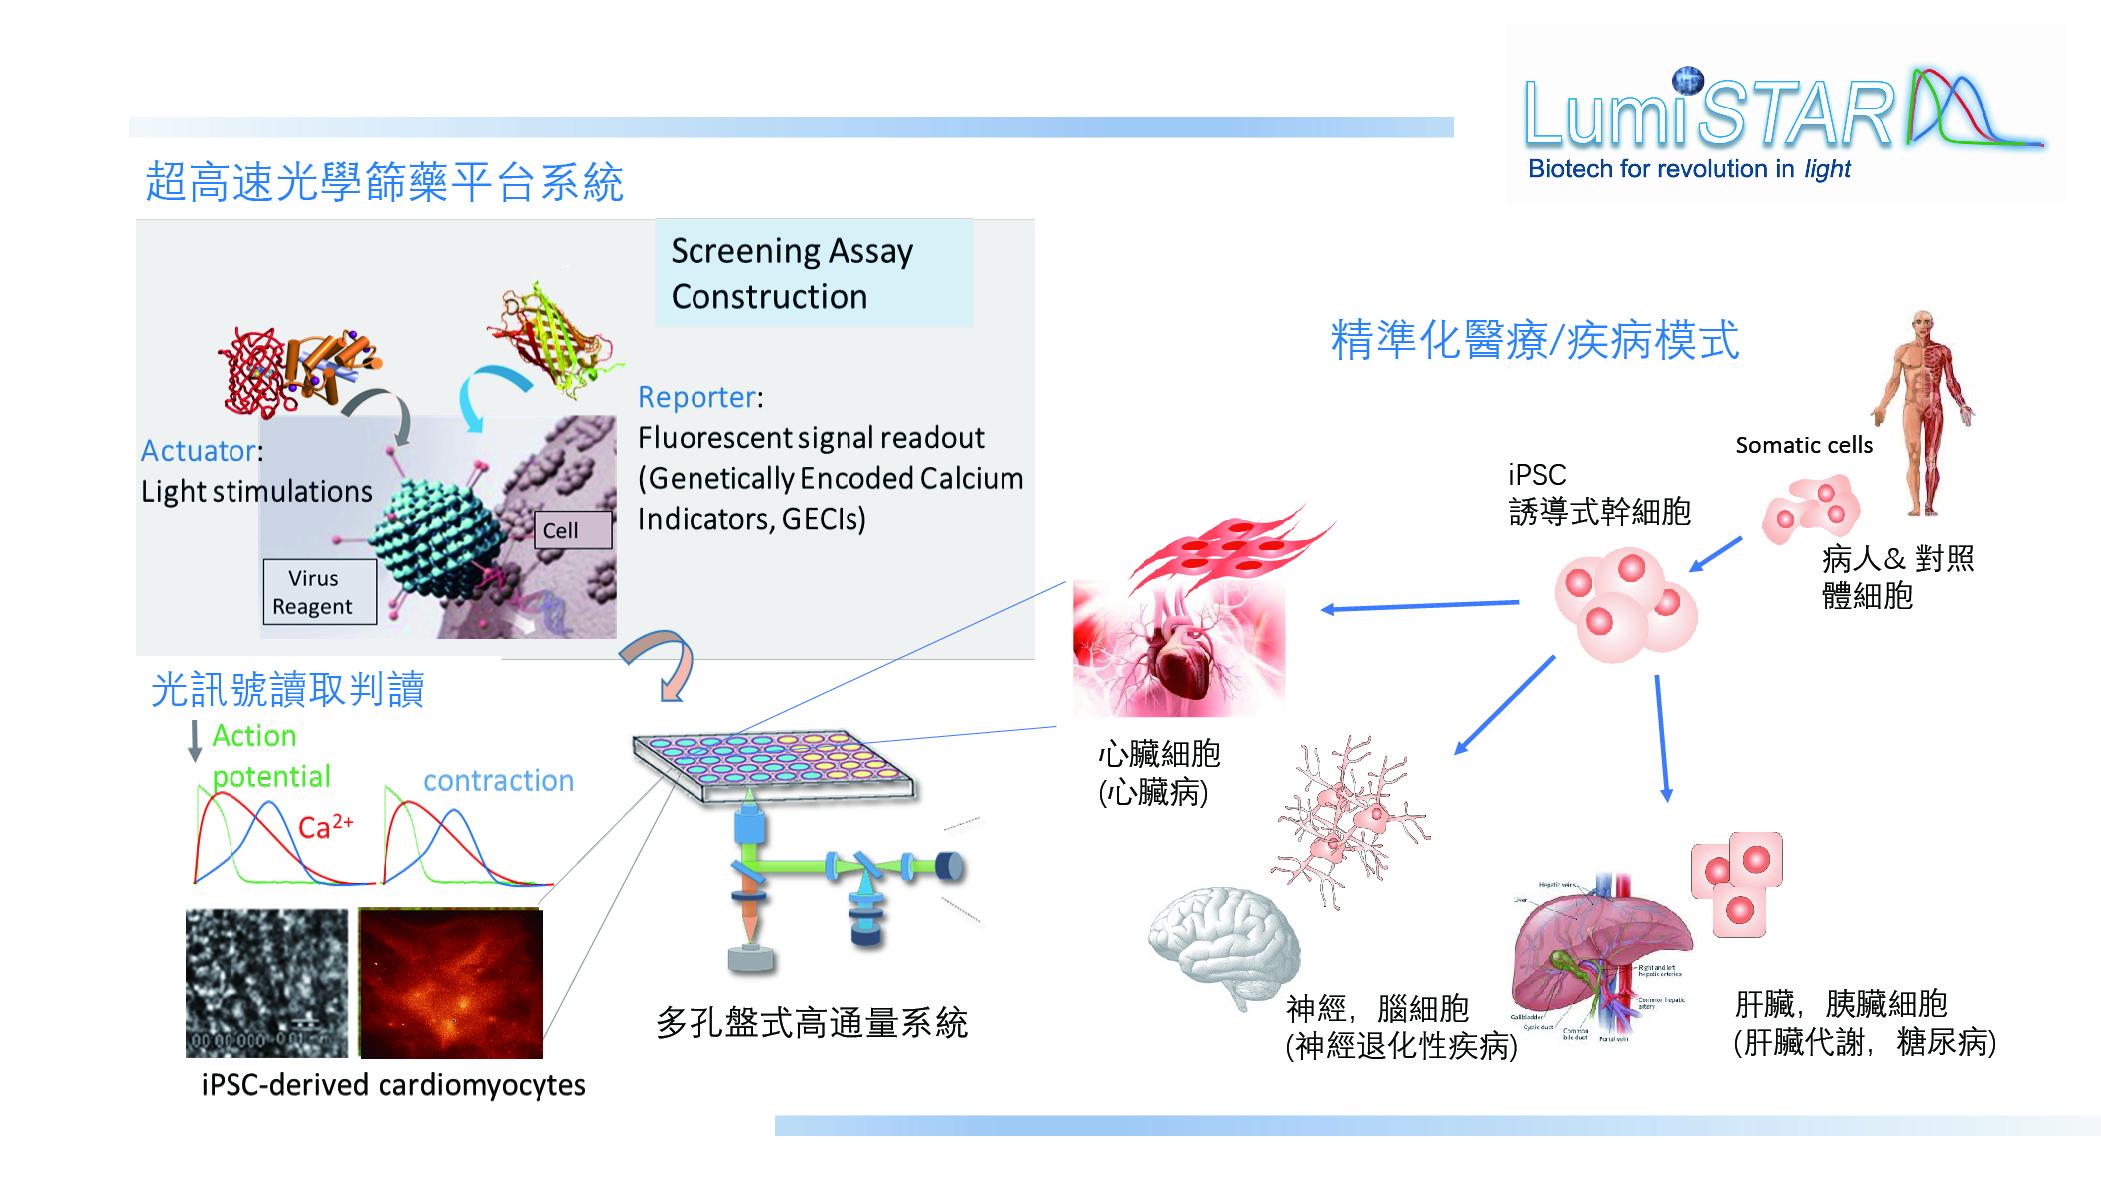 昱星開發之高效能全光學藥物篩檢平台示意圖